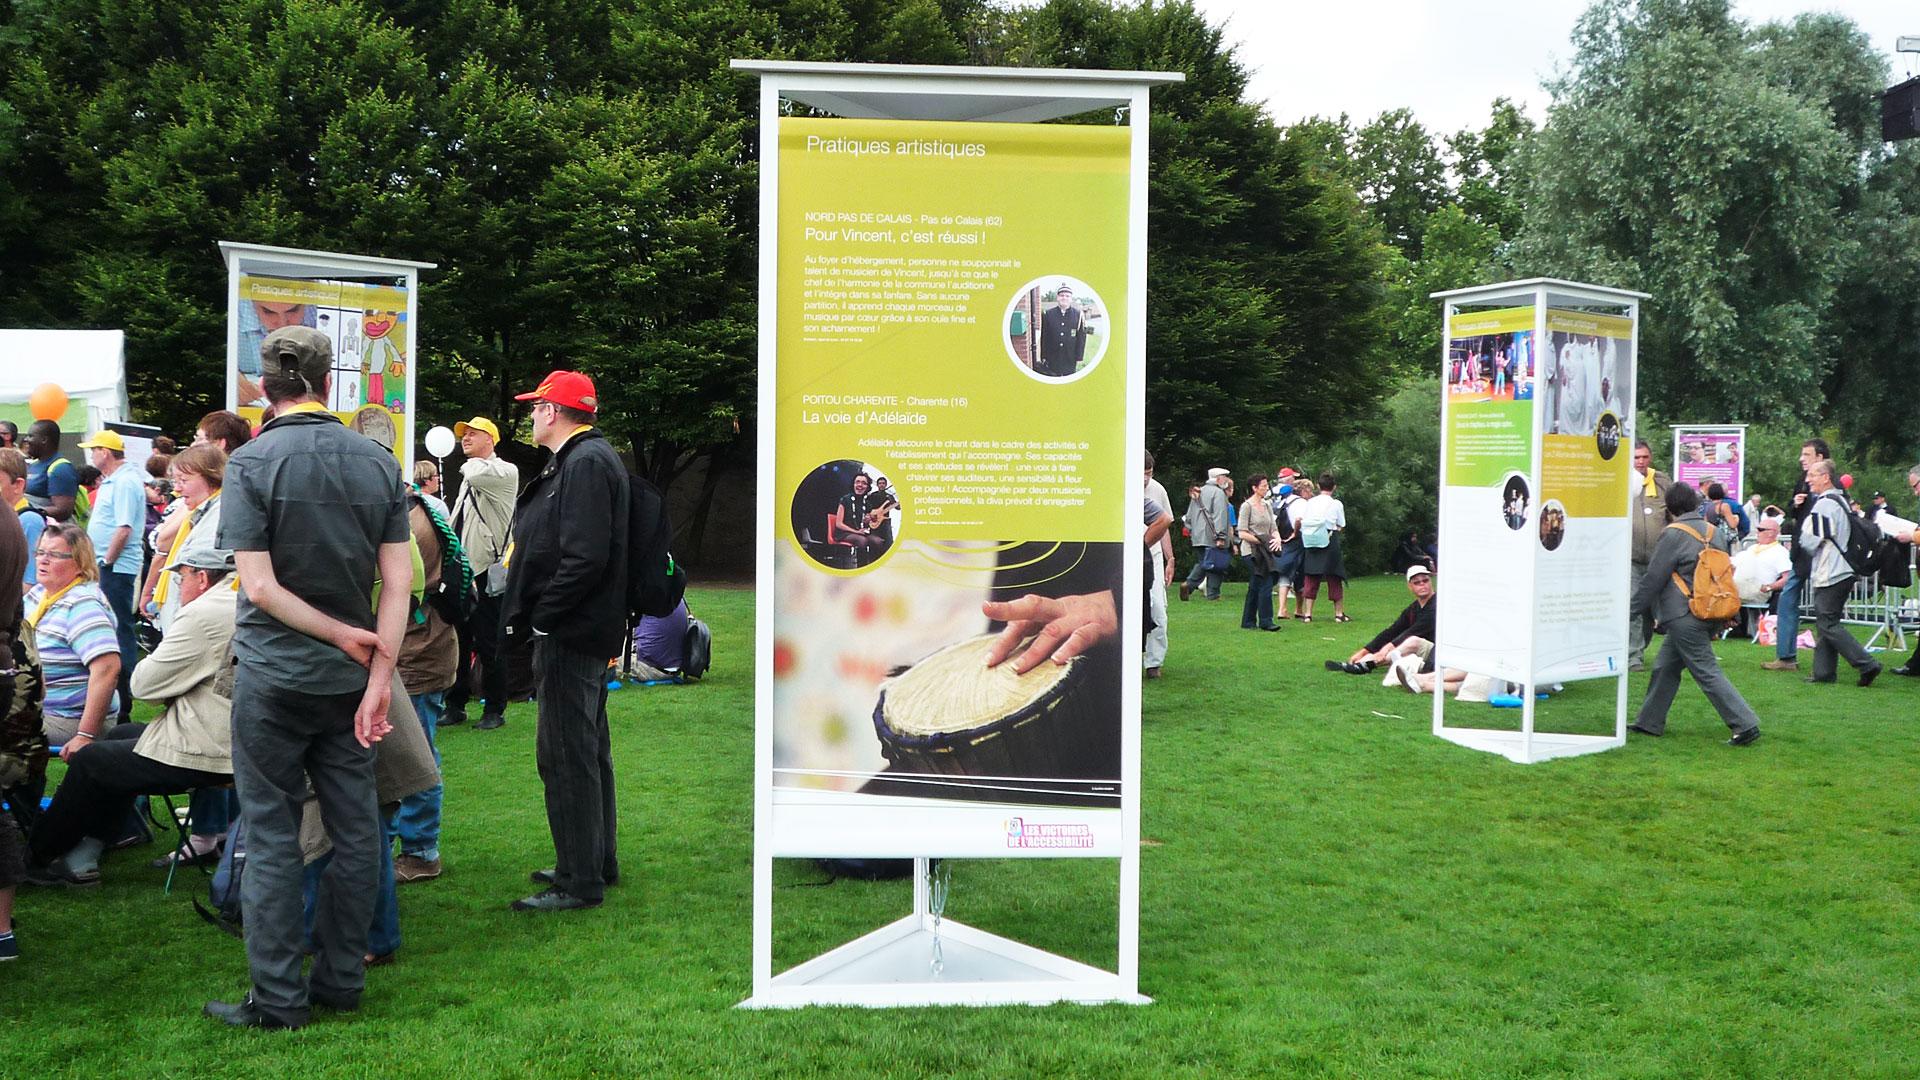 Panneaux d'expo